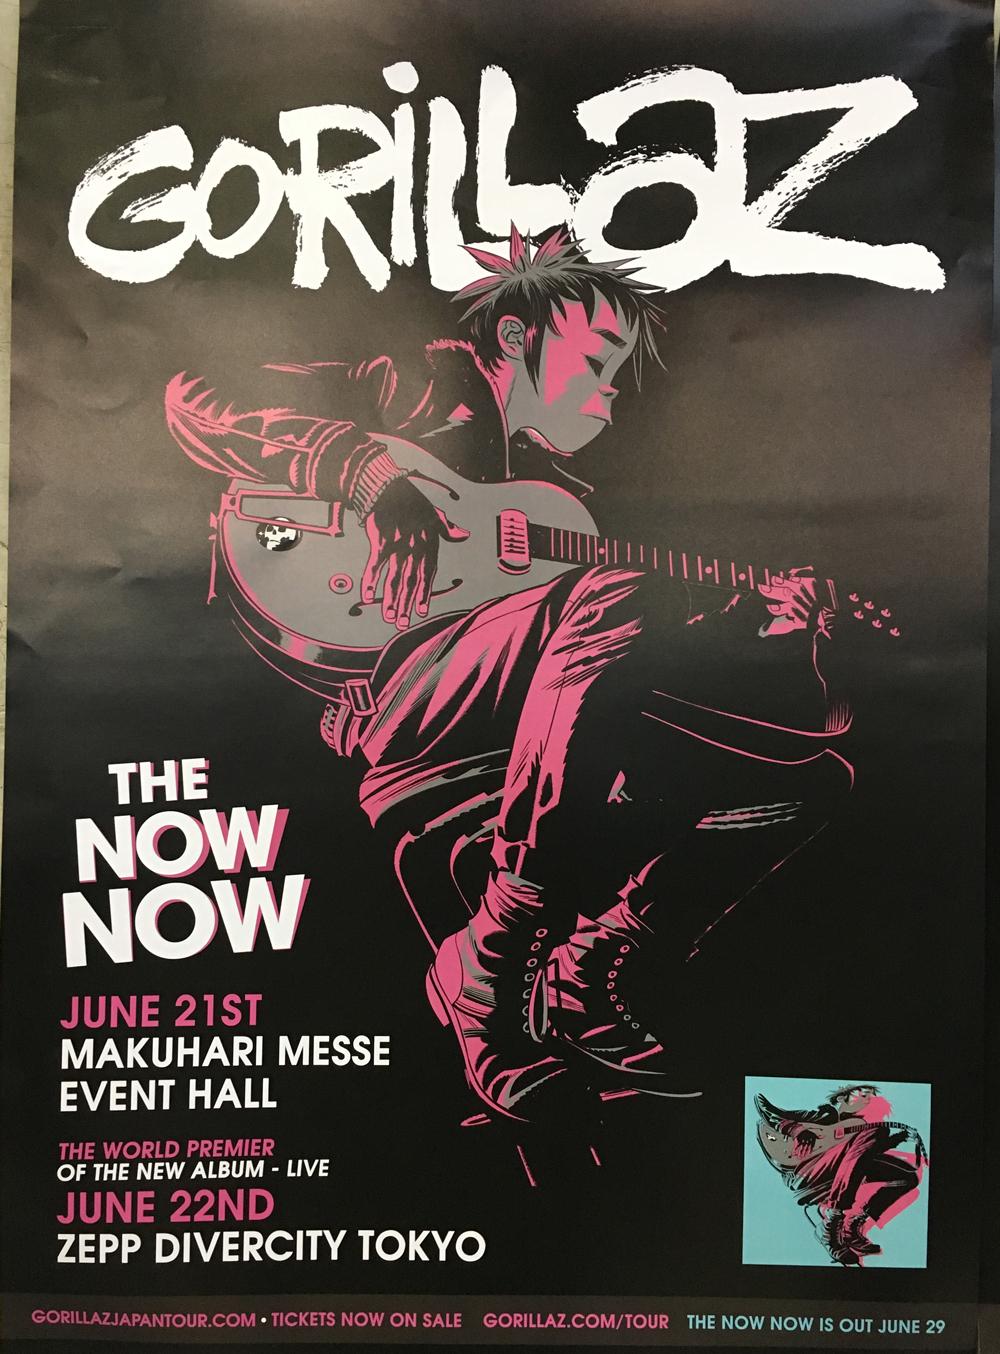 いやほんとに楽しかった!ゴリラズの音楽は多種多様でフェスのようだ!「Gorillaz Japan Tour 2018 at 幕張メッセ」